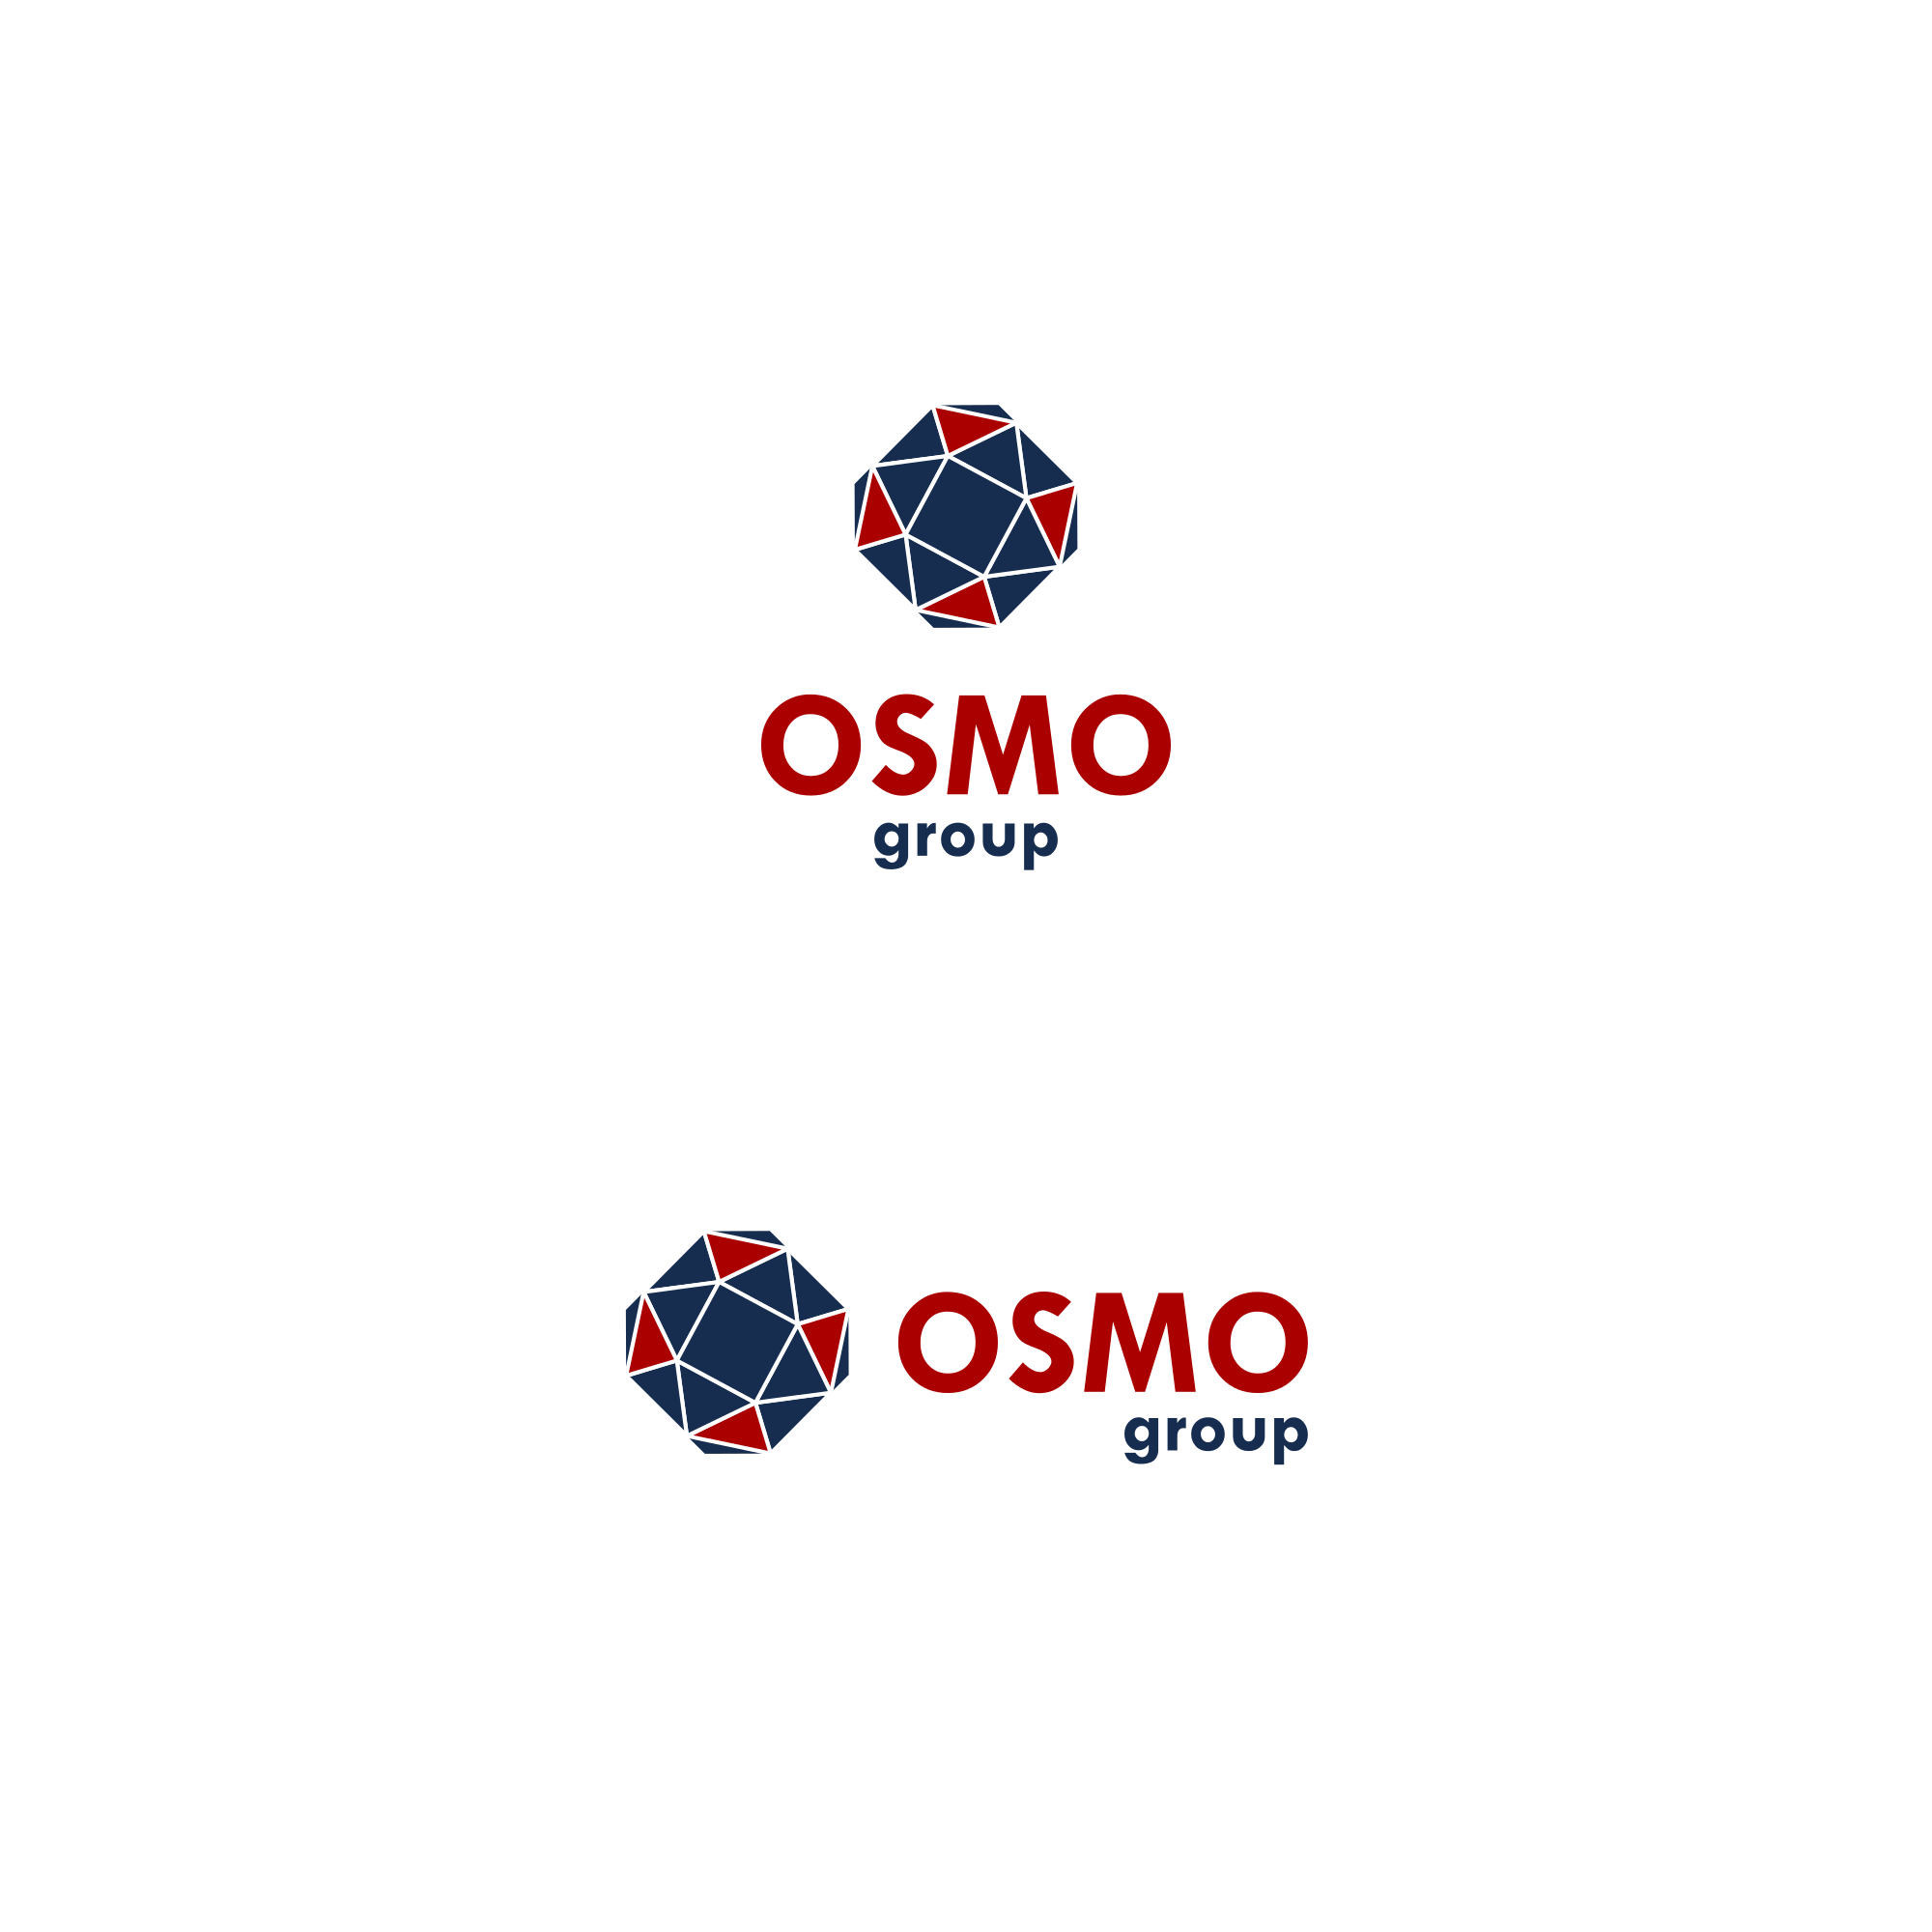 Создание логотипа для строительной компании OSMO group  фото f_13859b597d5c4195.png